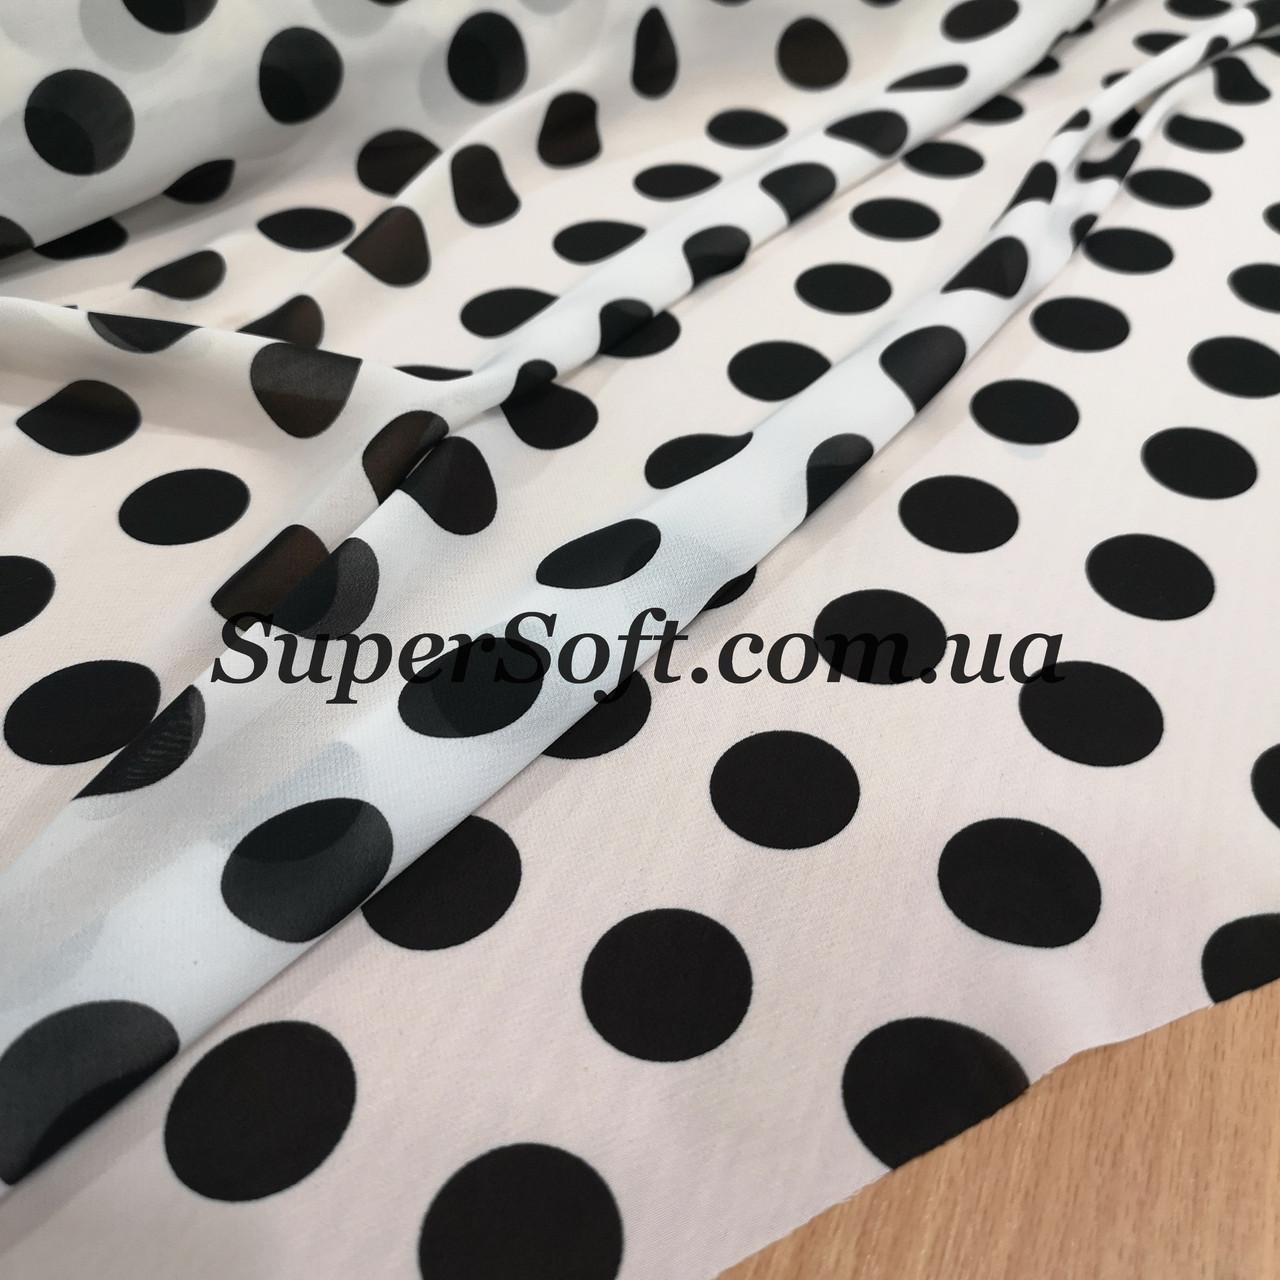 Ткань шифон принт крупный горох черный на белом